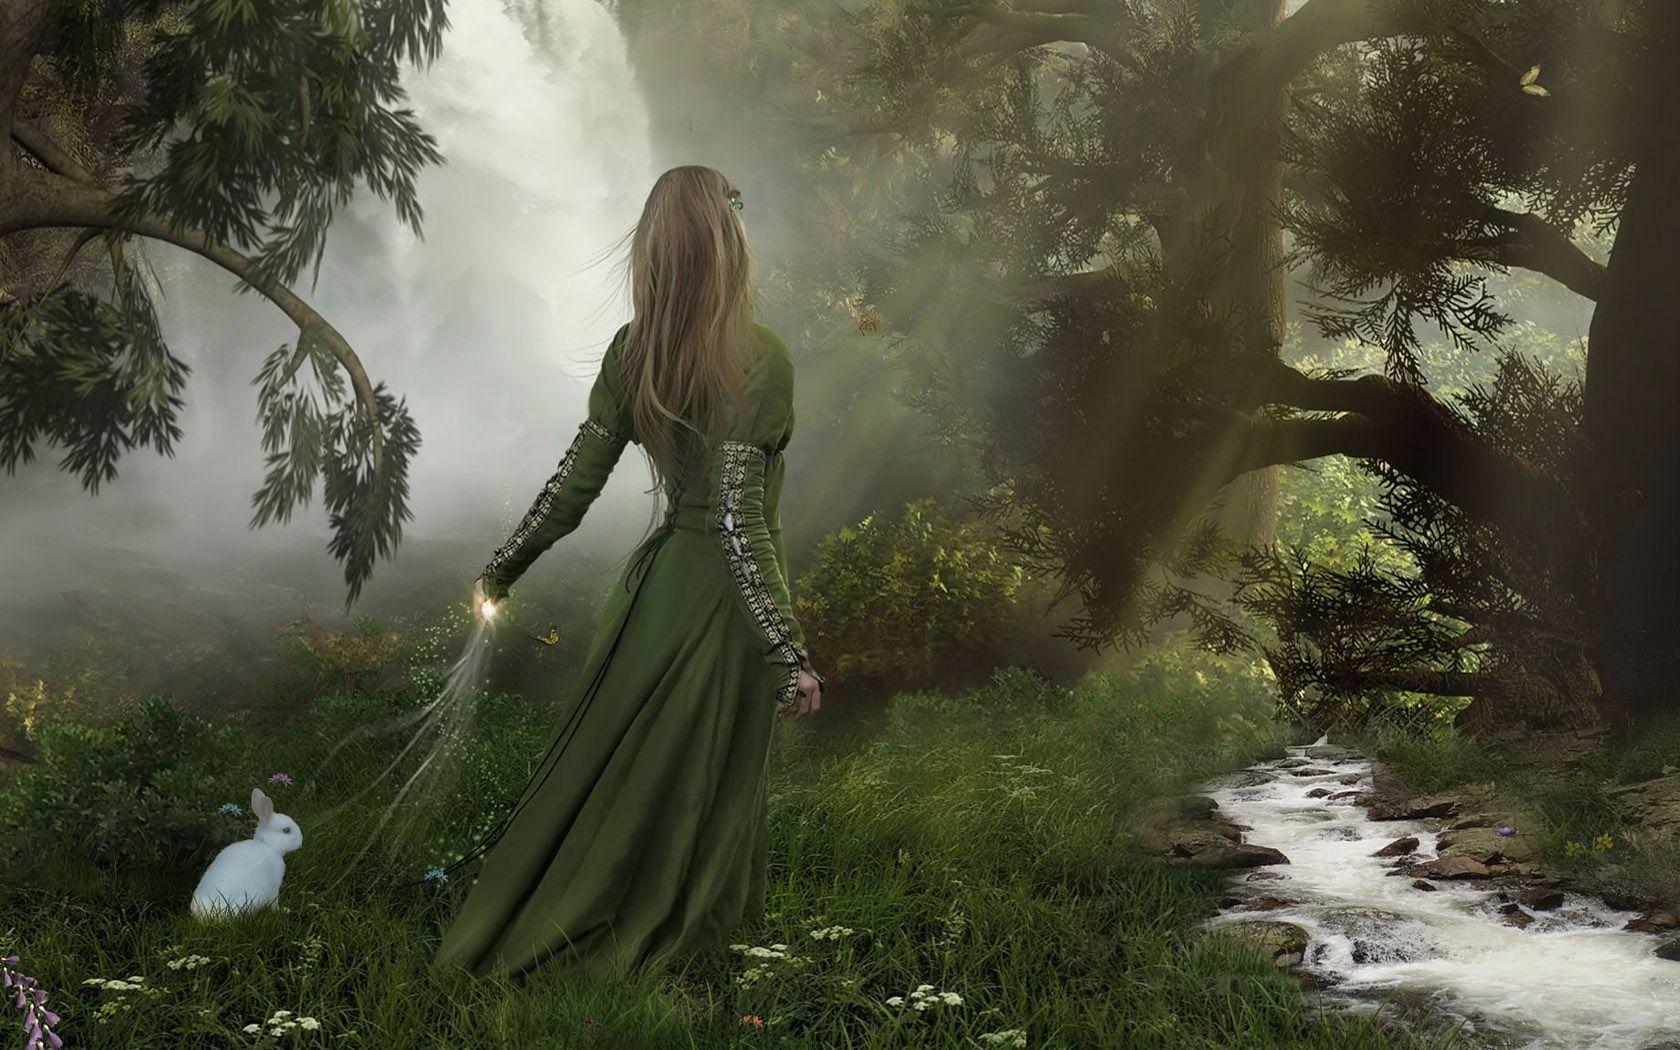 1680x1050 Đẹp.  Nhạc Celtic, Hình nền công chúa, Cô gái tưởng tượng